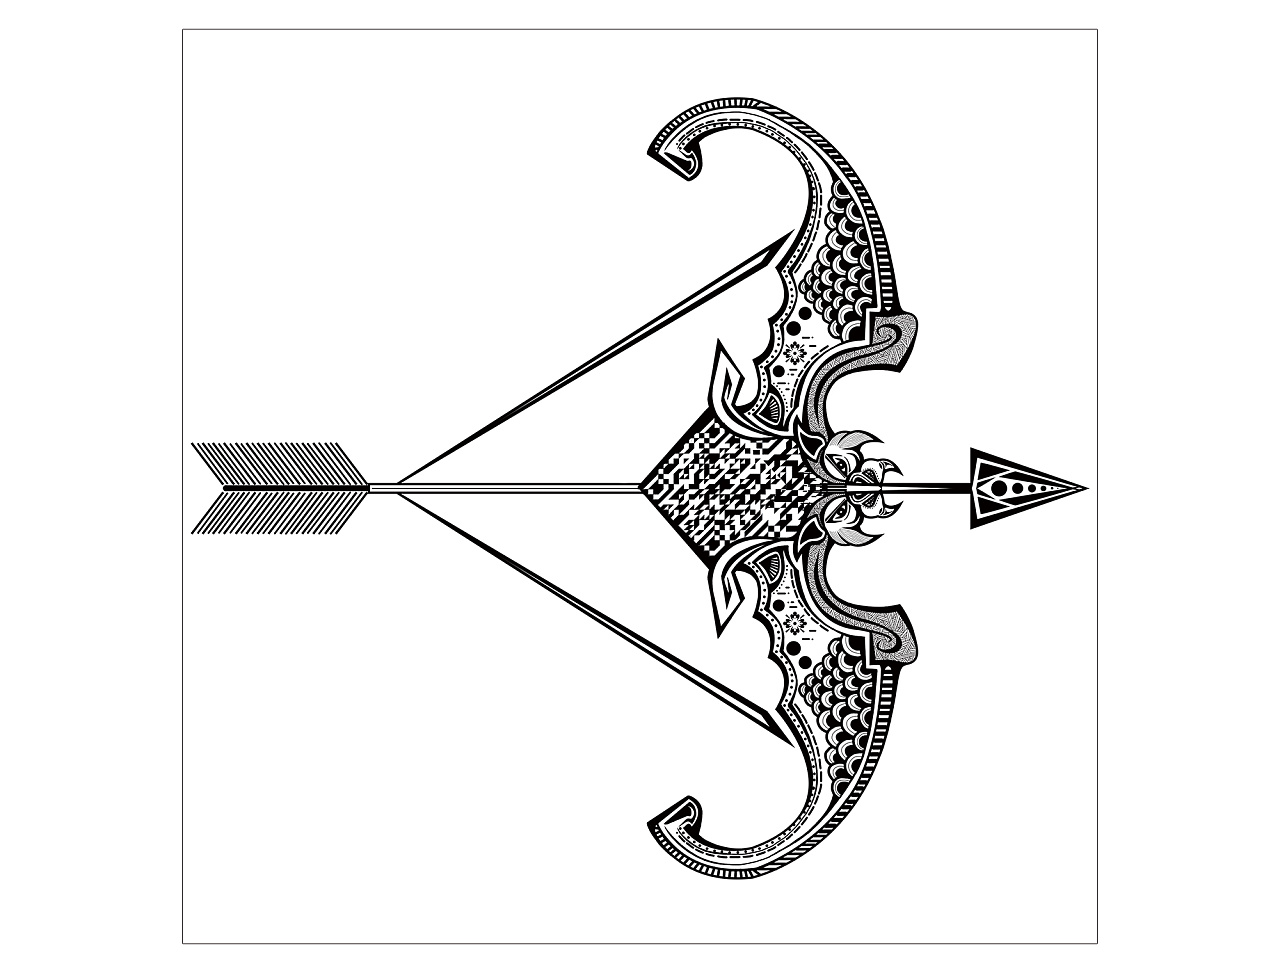 手绘十二星座与创意二维码相结合